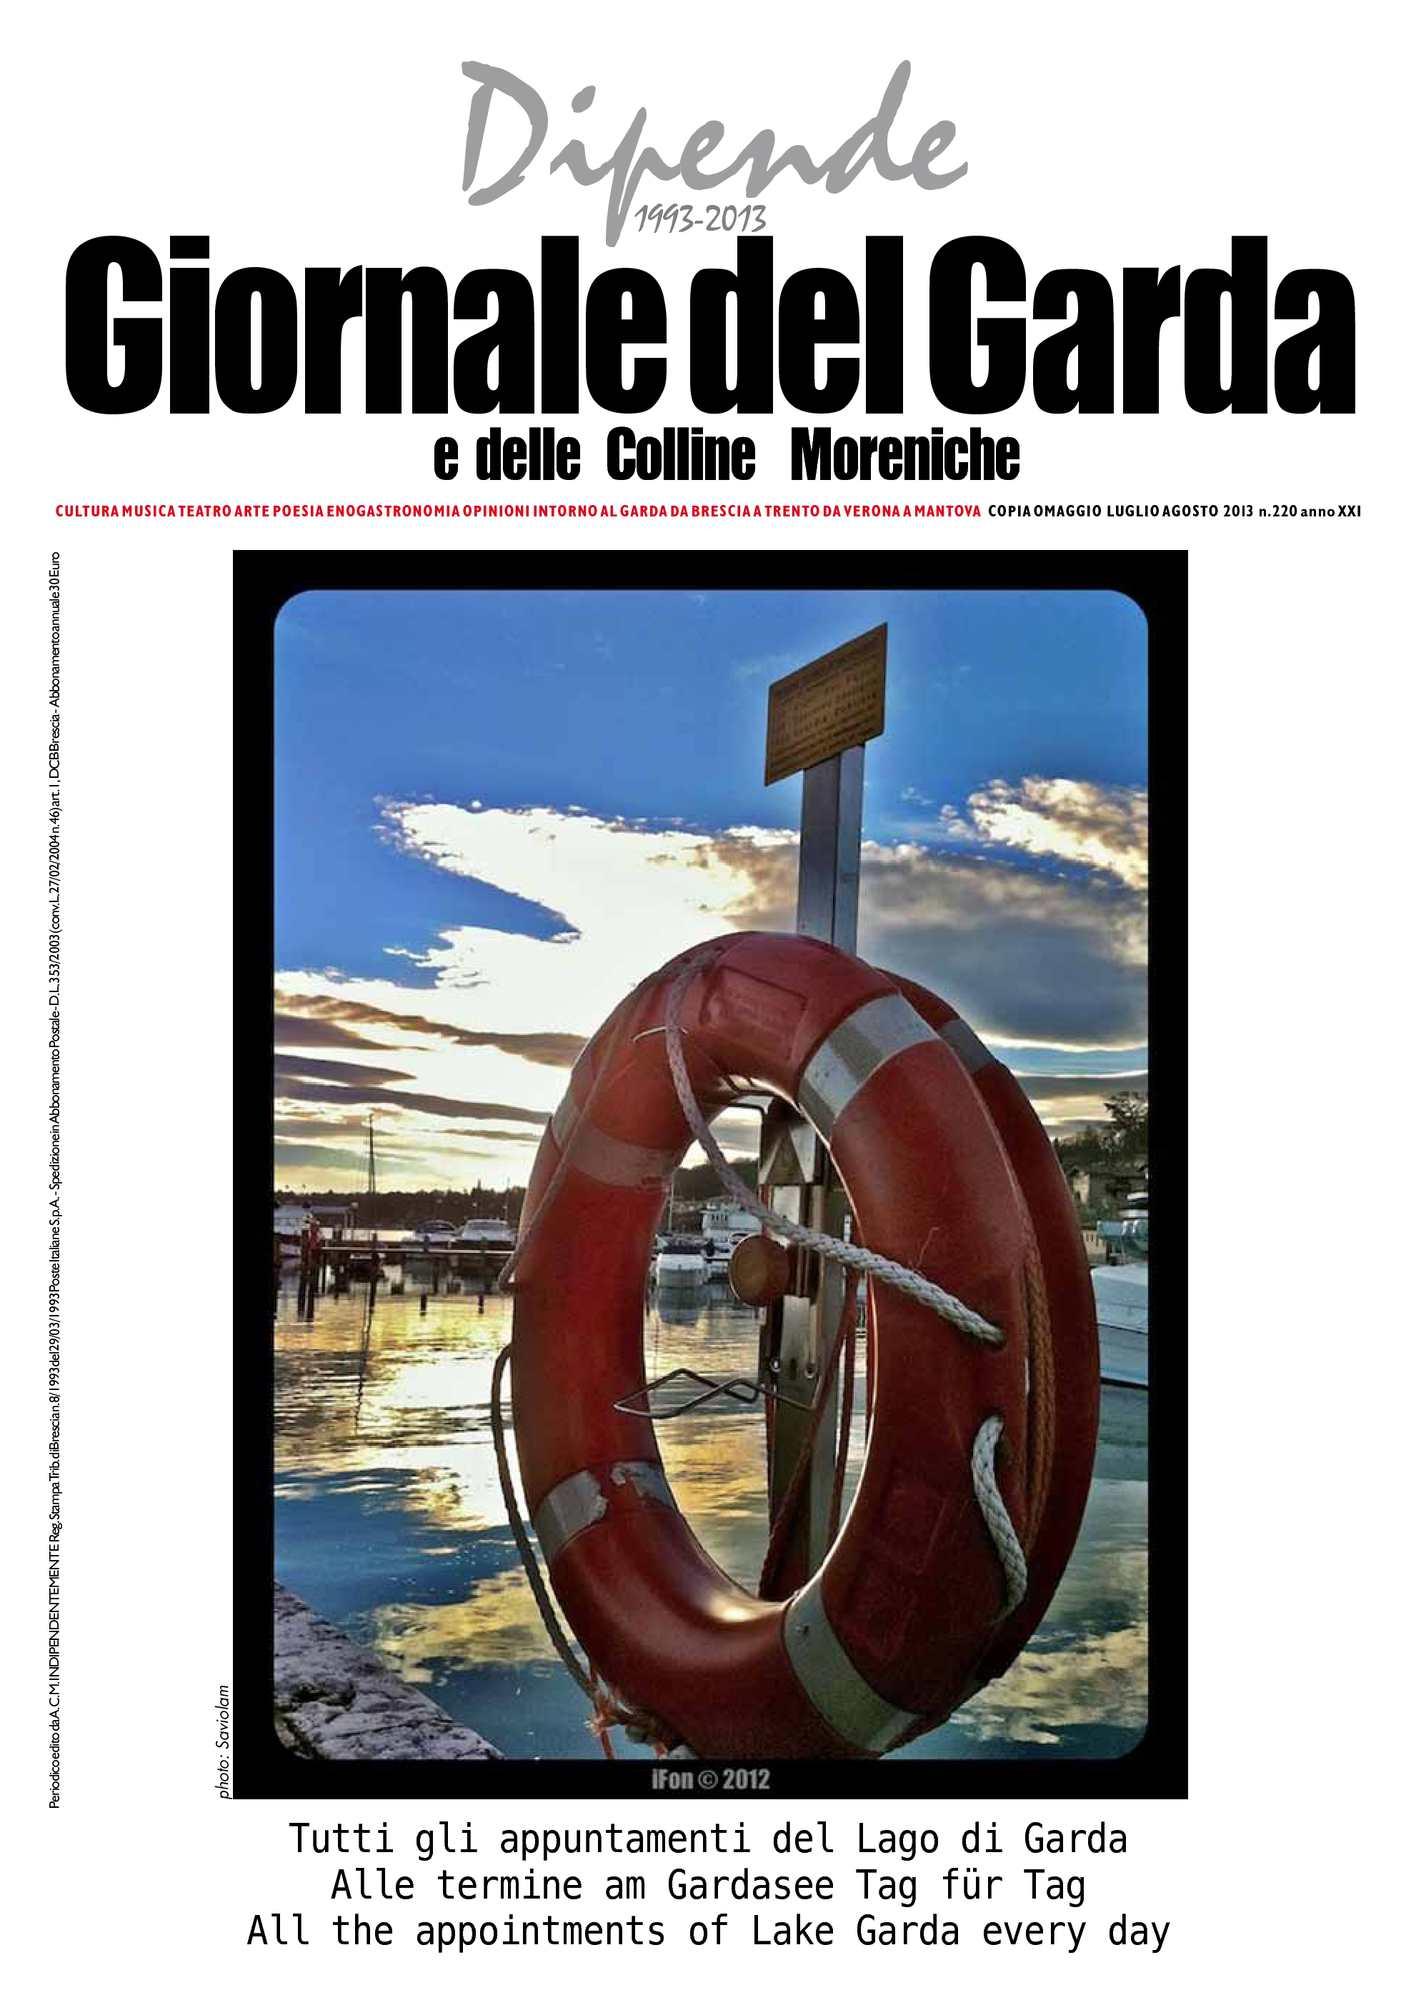 Calaméo - Dipende - Giornale del Garda n.220 estate 2013 20e3342cb61